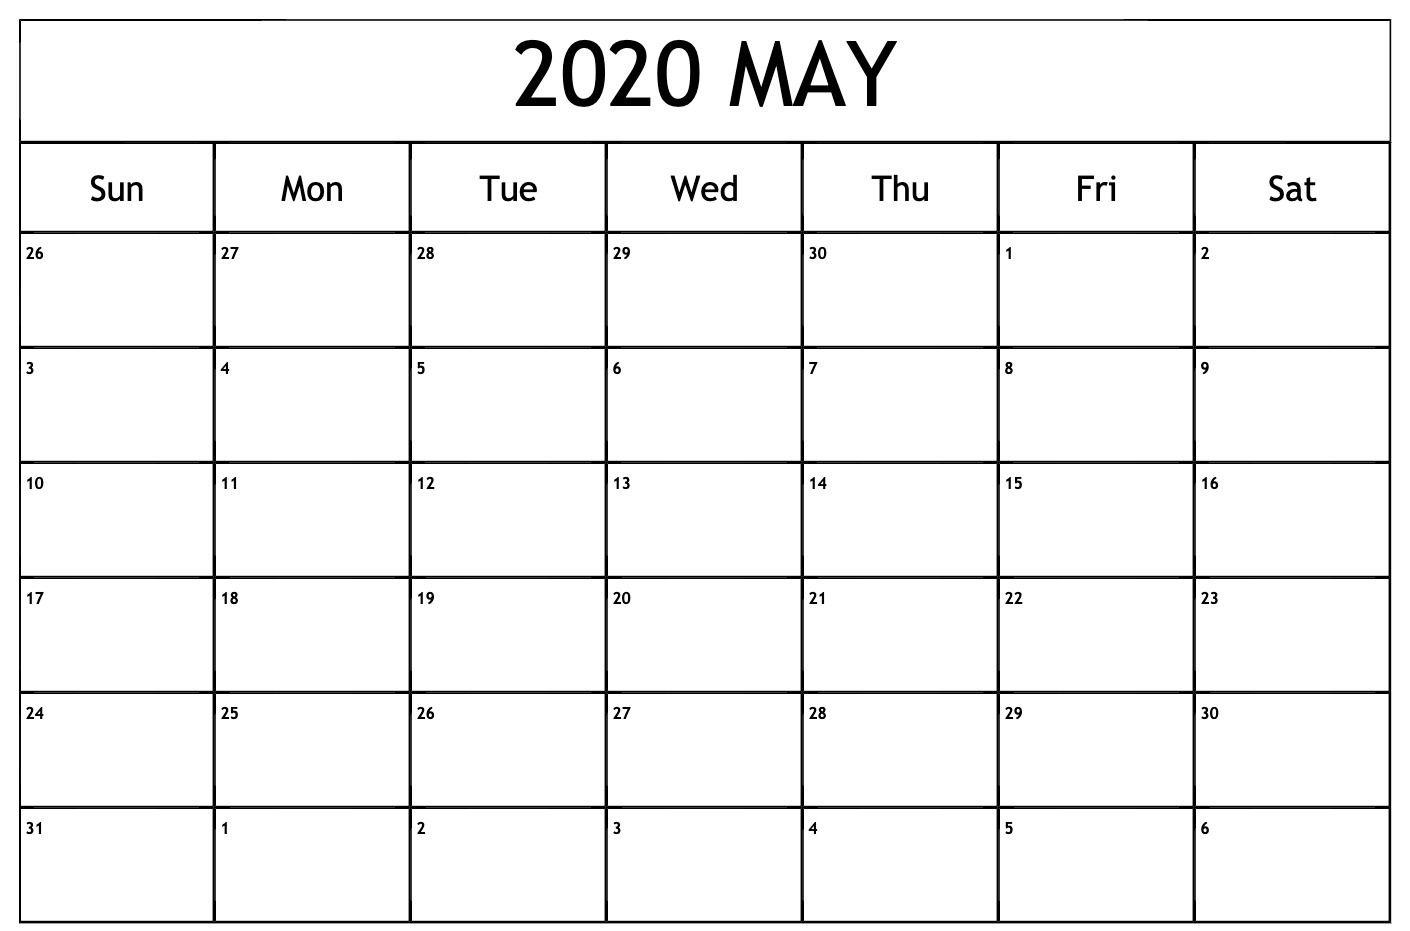 May 2020 Calendar Printable Template With Holidays Printable